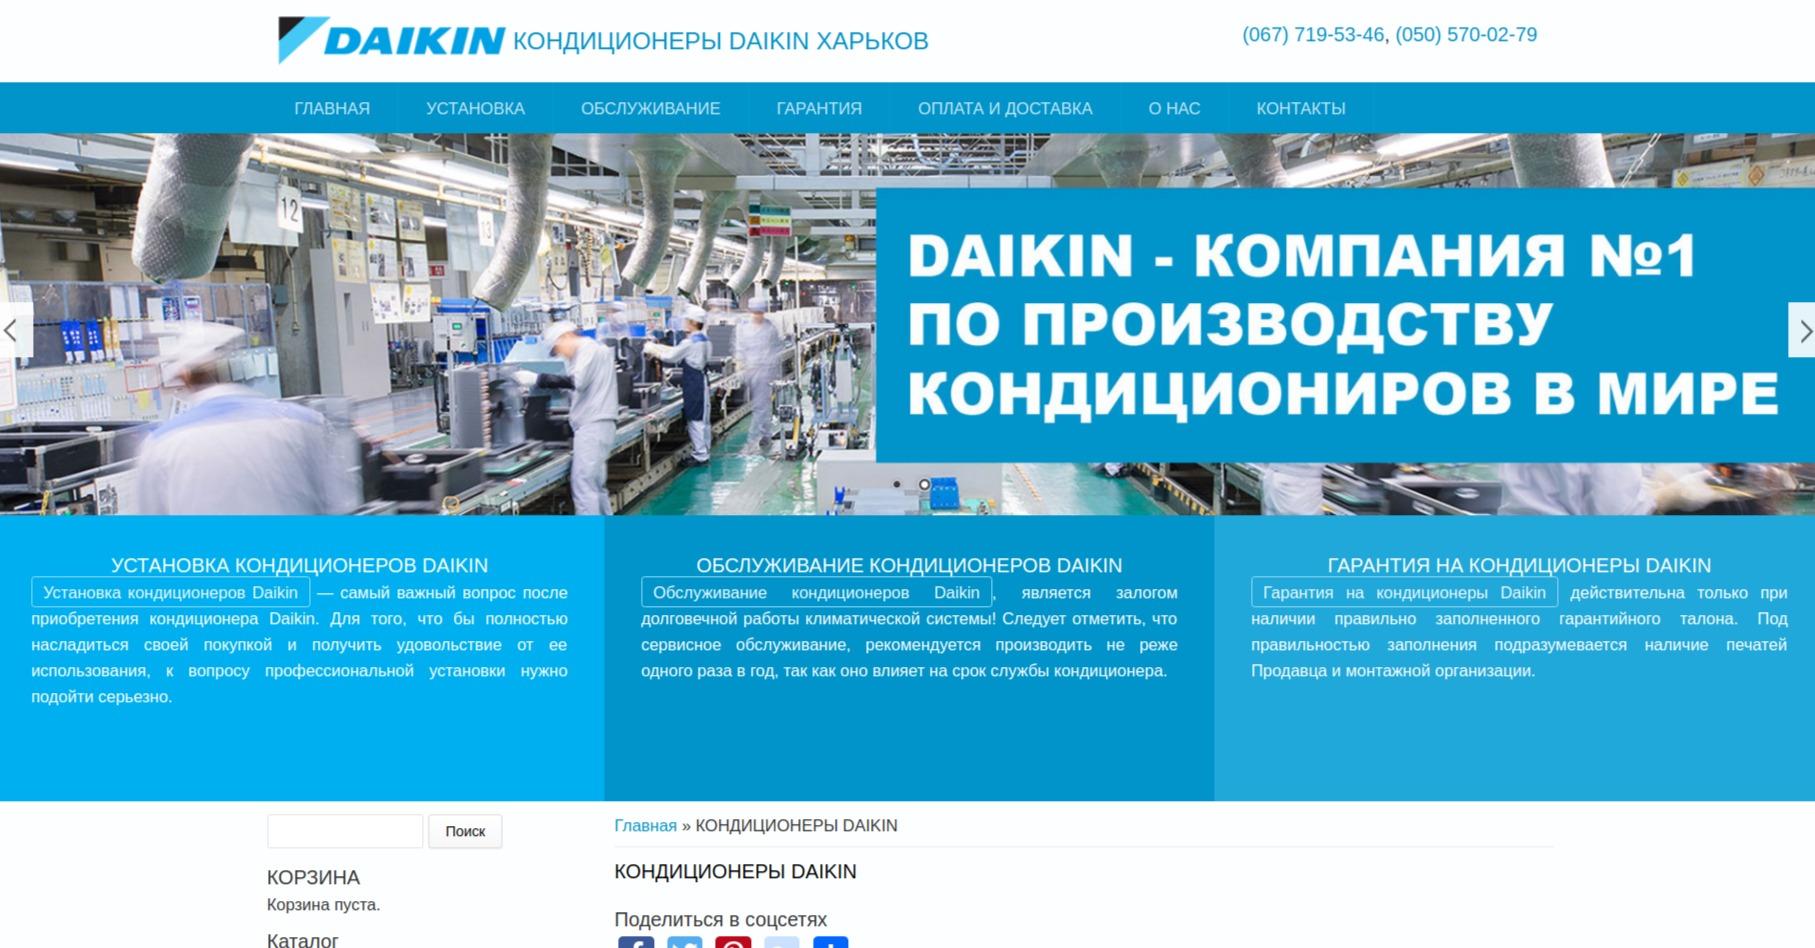 Кондиционеры Daikin Харьков